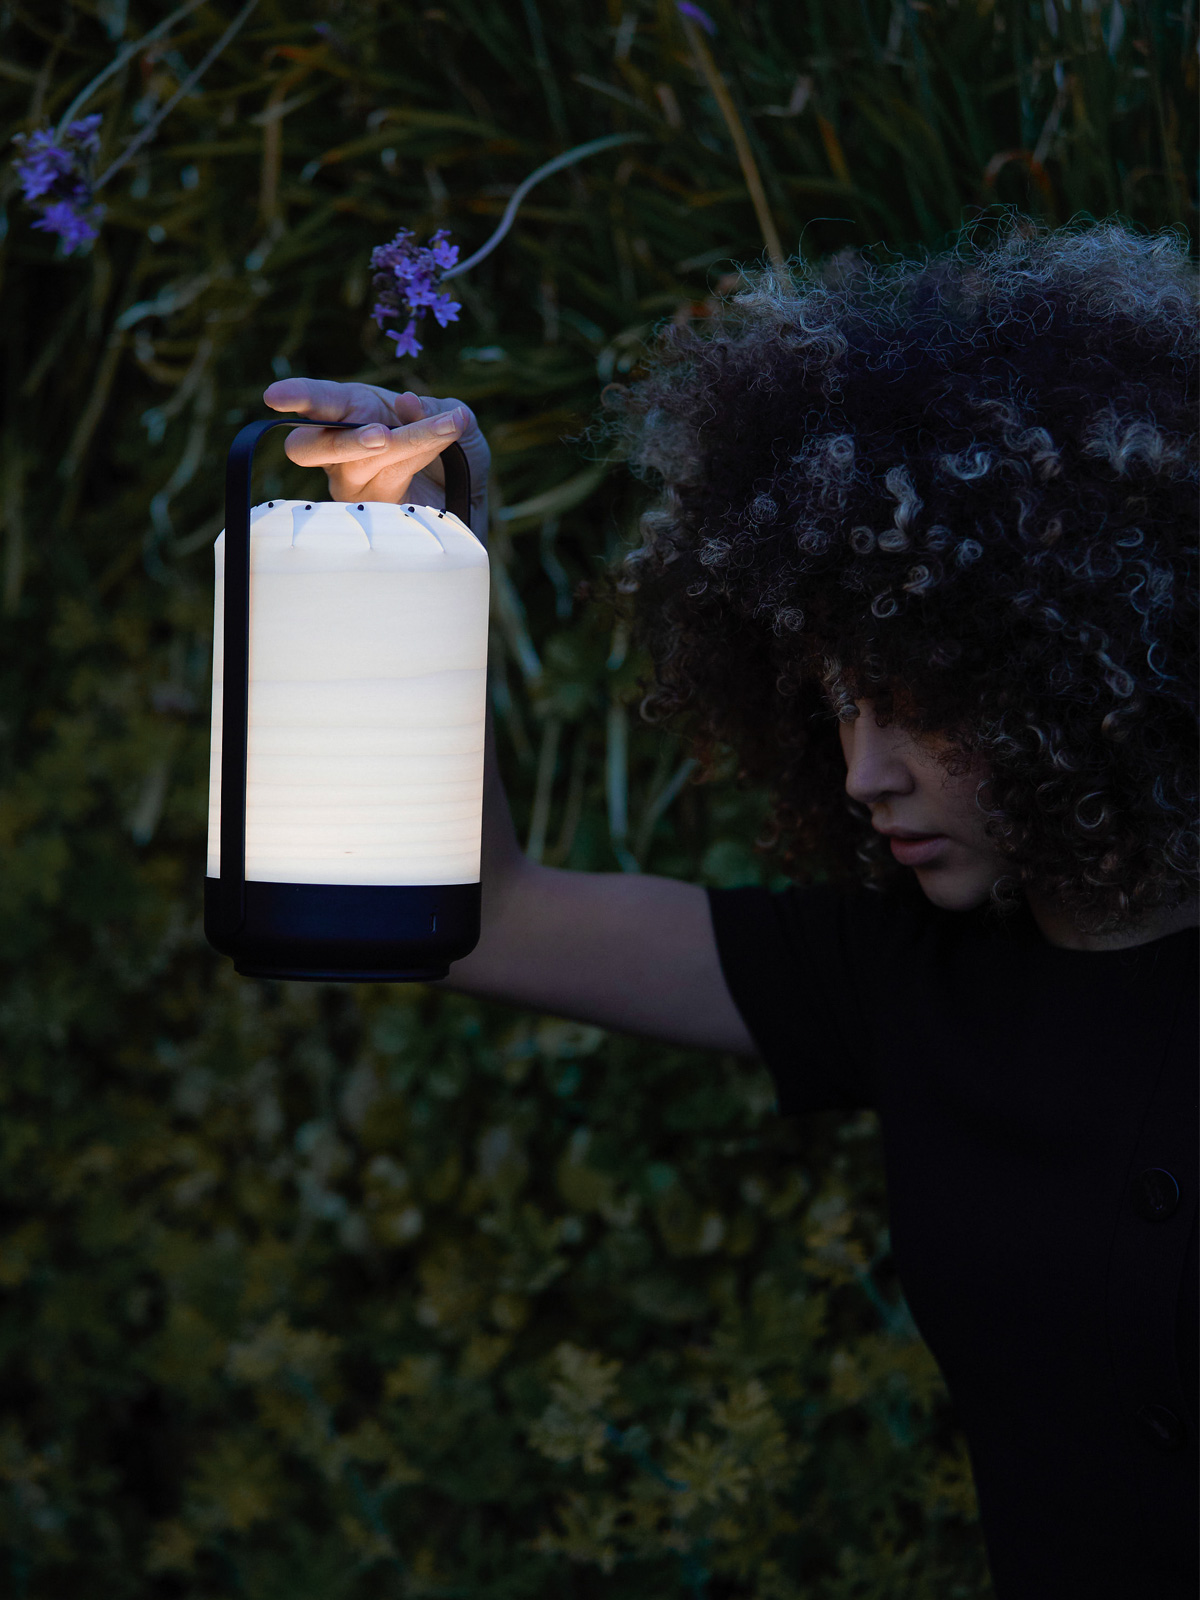 Chou mini tragbare Akku Leuchte von LZF Lamps DesignOrt Onlineshop Lampen Berlin Leuchten